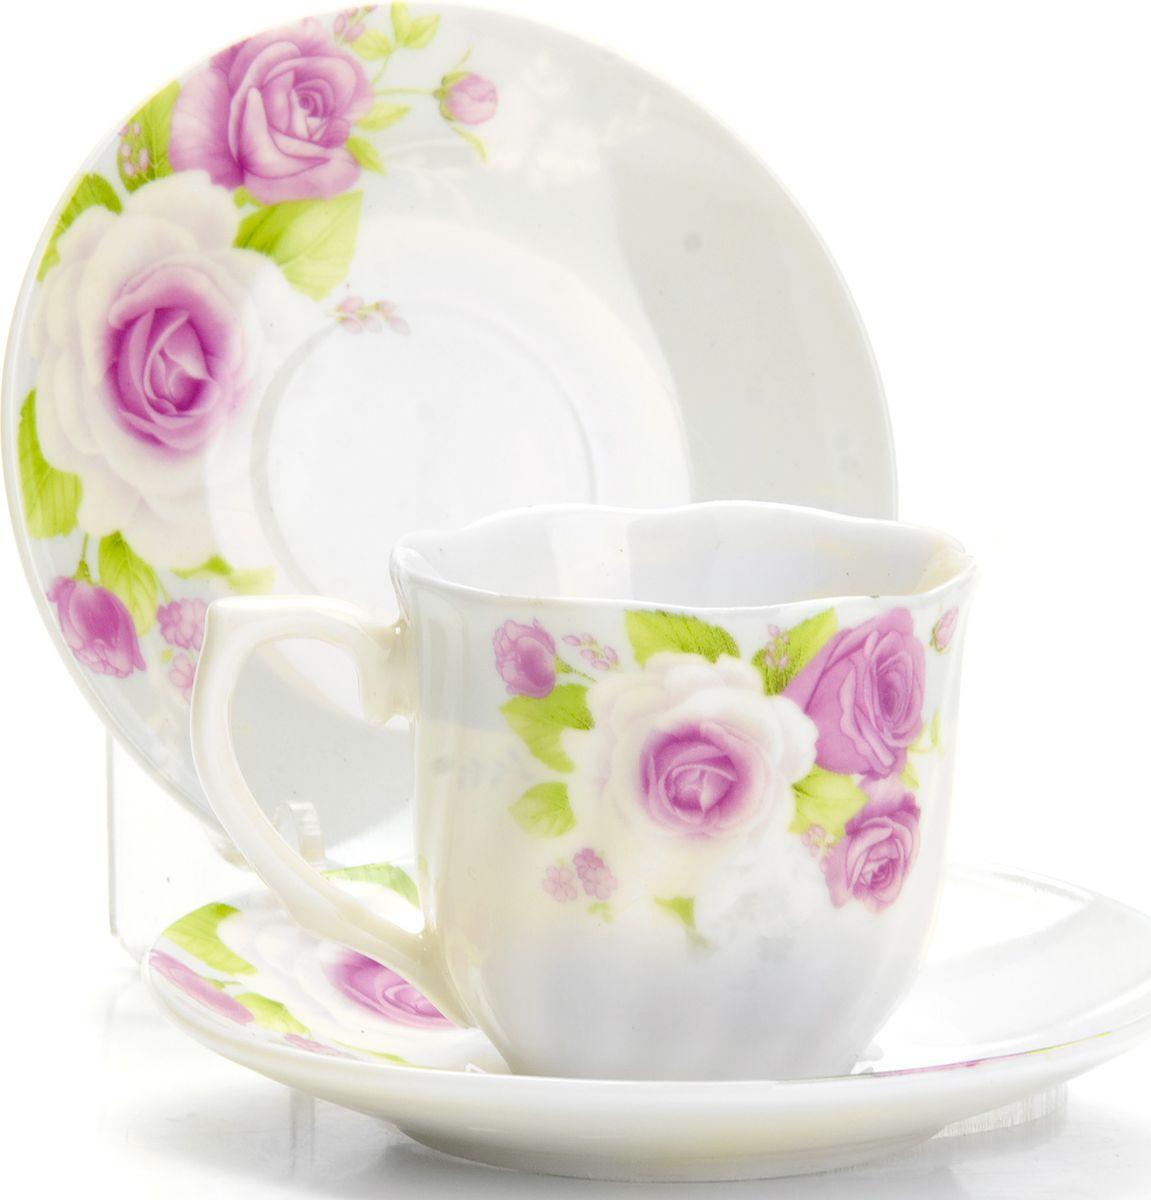 Набор кофейный Loraine, 12 предметов. 43329115510Кофейный сервиз на 6 персон изготовлен из качественного фарфора и оформлен красивым цветочным рисунком. Элегантный и удобный кофейный сервиз не только украсит сервировку стола, но и поднимет настроение и превратит процесс чаепития в одно удовольствие.Сервиз состоит из 12 предметов: шести чашек и шести блюдец, упакованных в подарочную коробку. Чашки имеют удобную, изящную ручку. Изделия легко и просто мыть. Кофейный сервиз прекрасно подойдет в качестве подарка для родных и друзей на любой праздник!Диаметр чашки: 6 см.Высота чашки: 5,5 см.Объем чашки: 80 мл.Диаметр блюдца: 11 см.